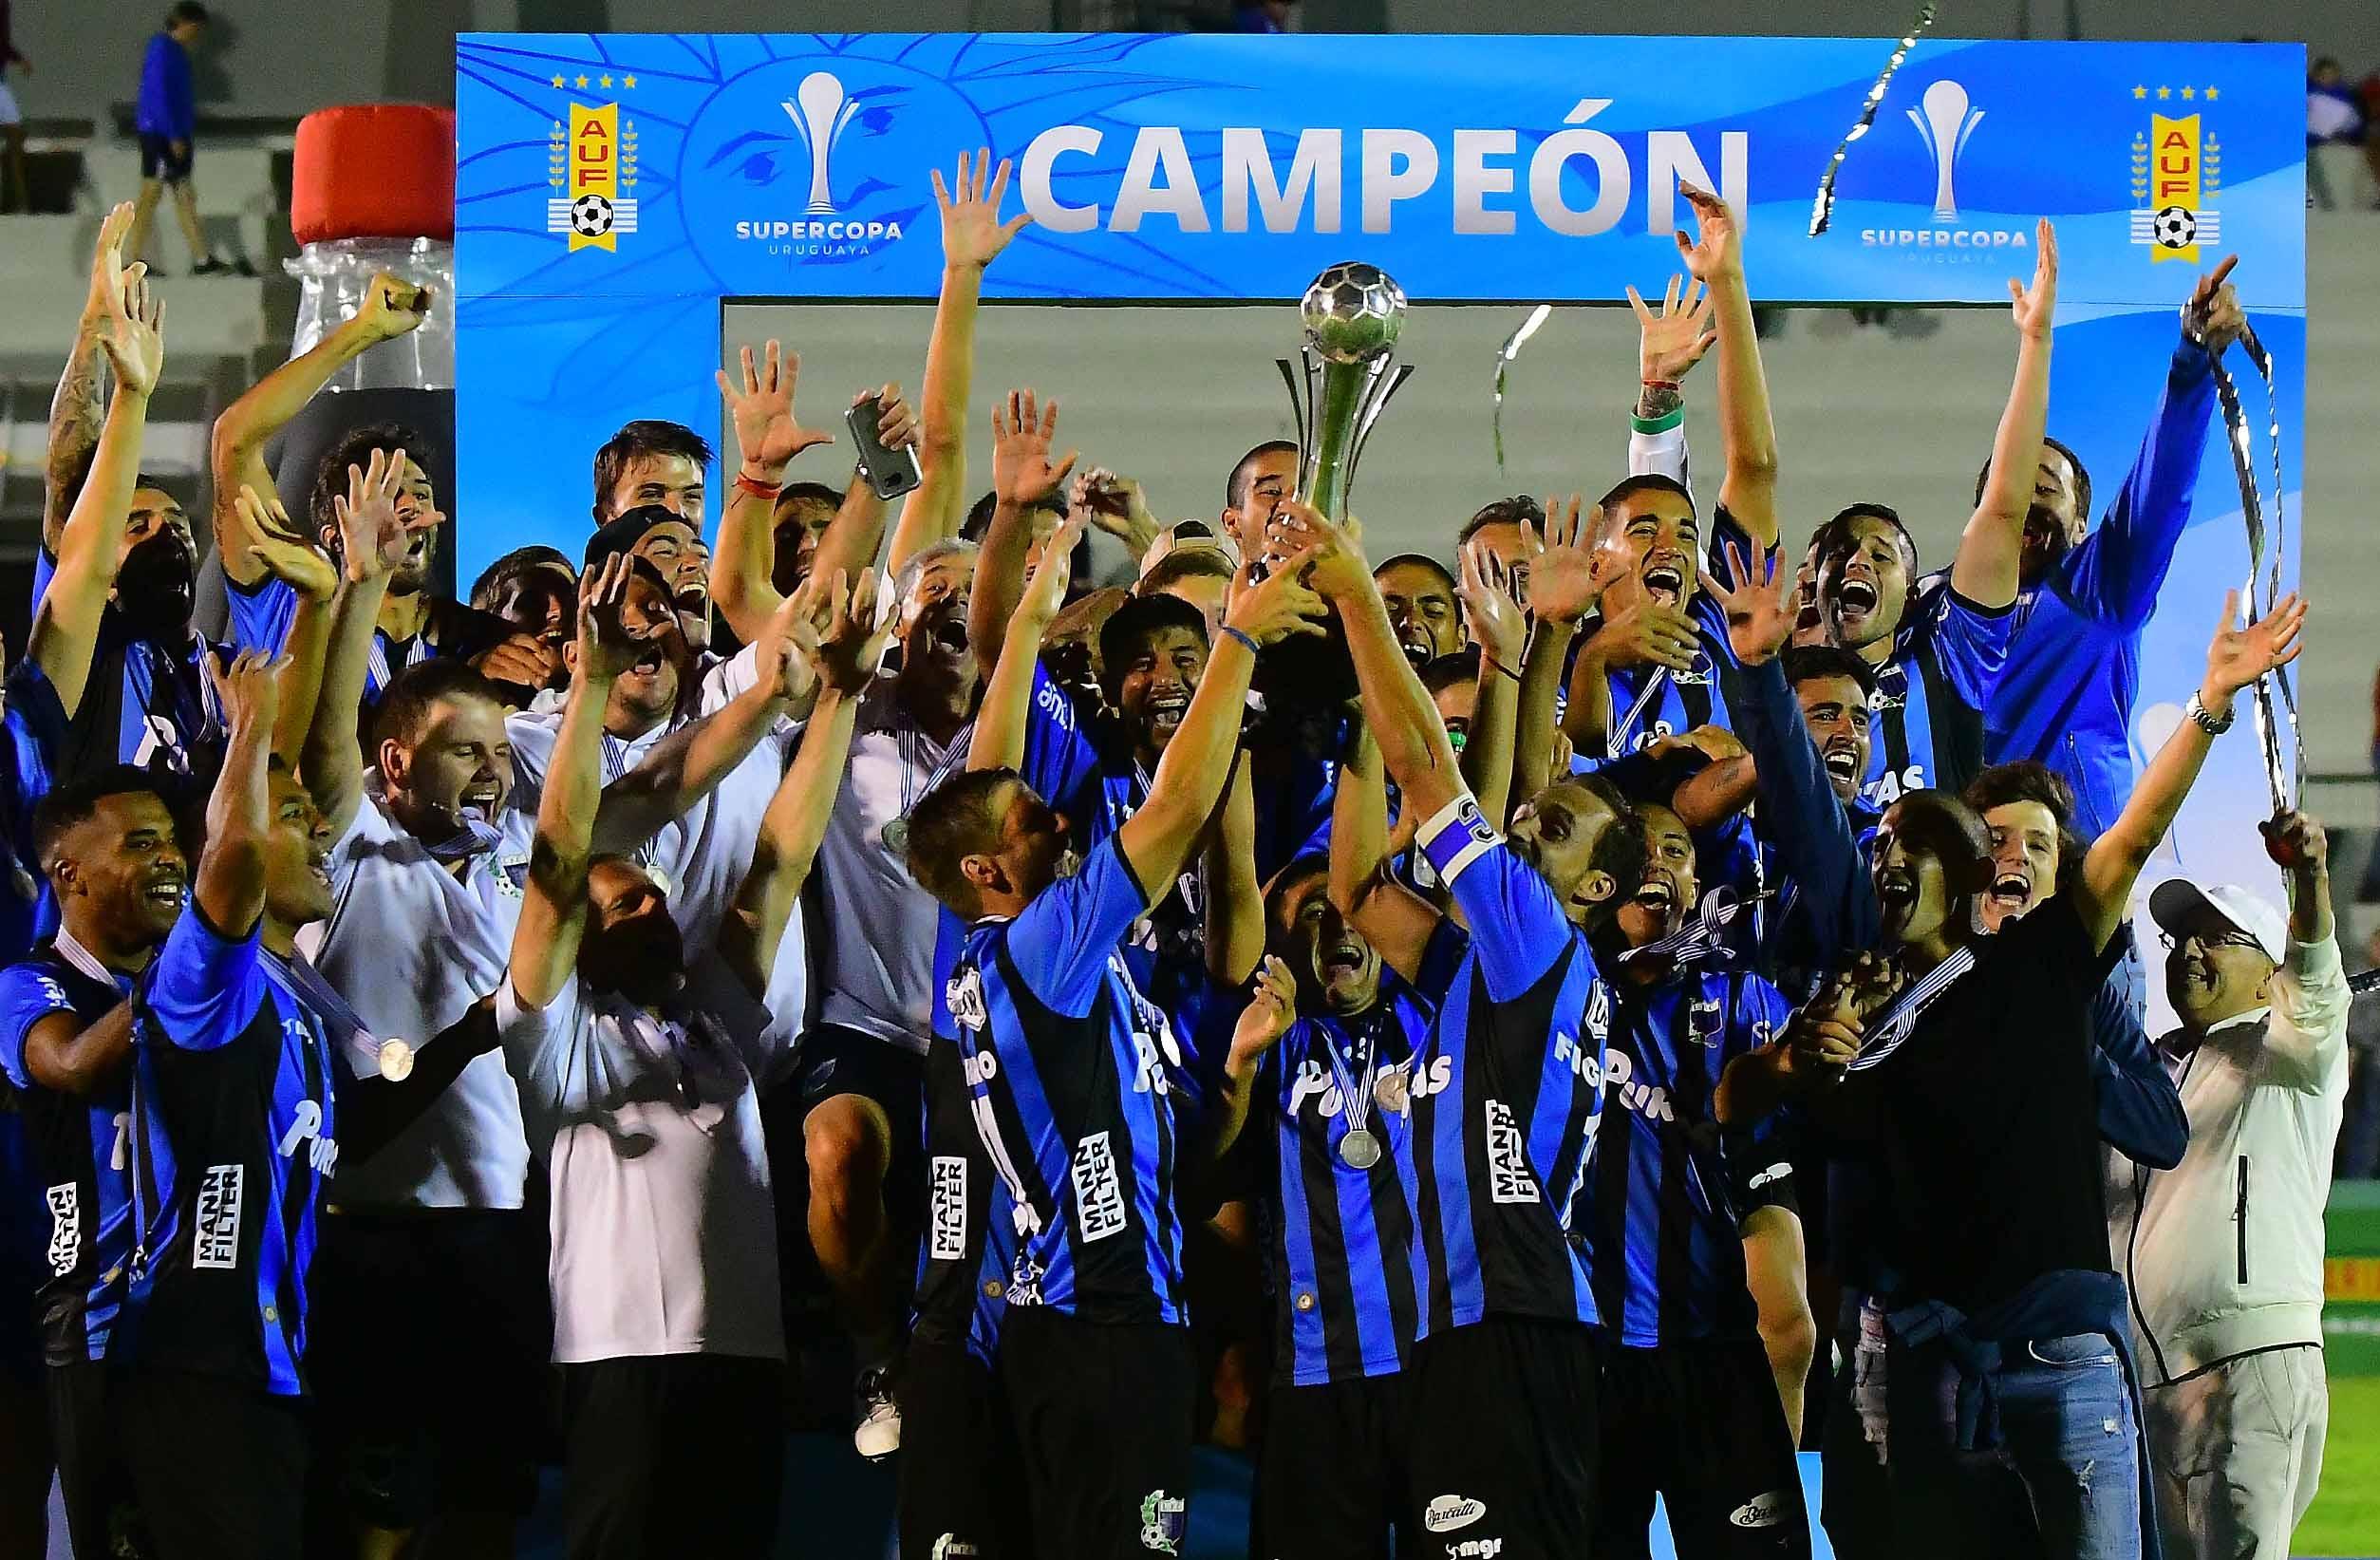 Resultado de imagen para LIVERPOOL campeon supercopa uruguaya